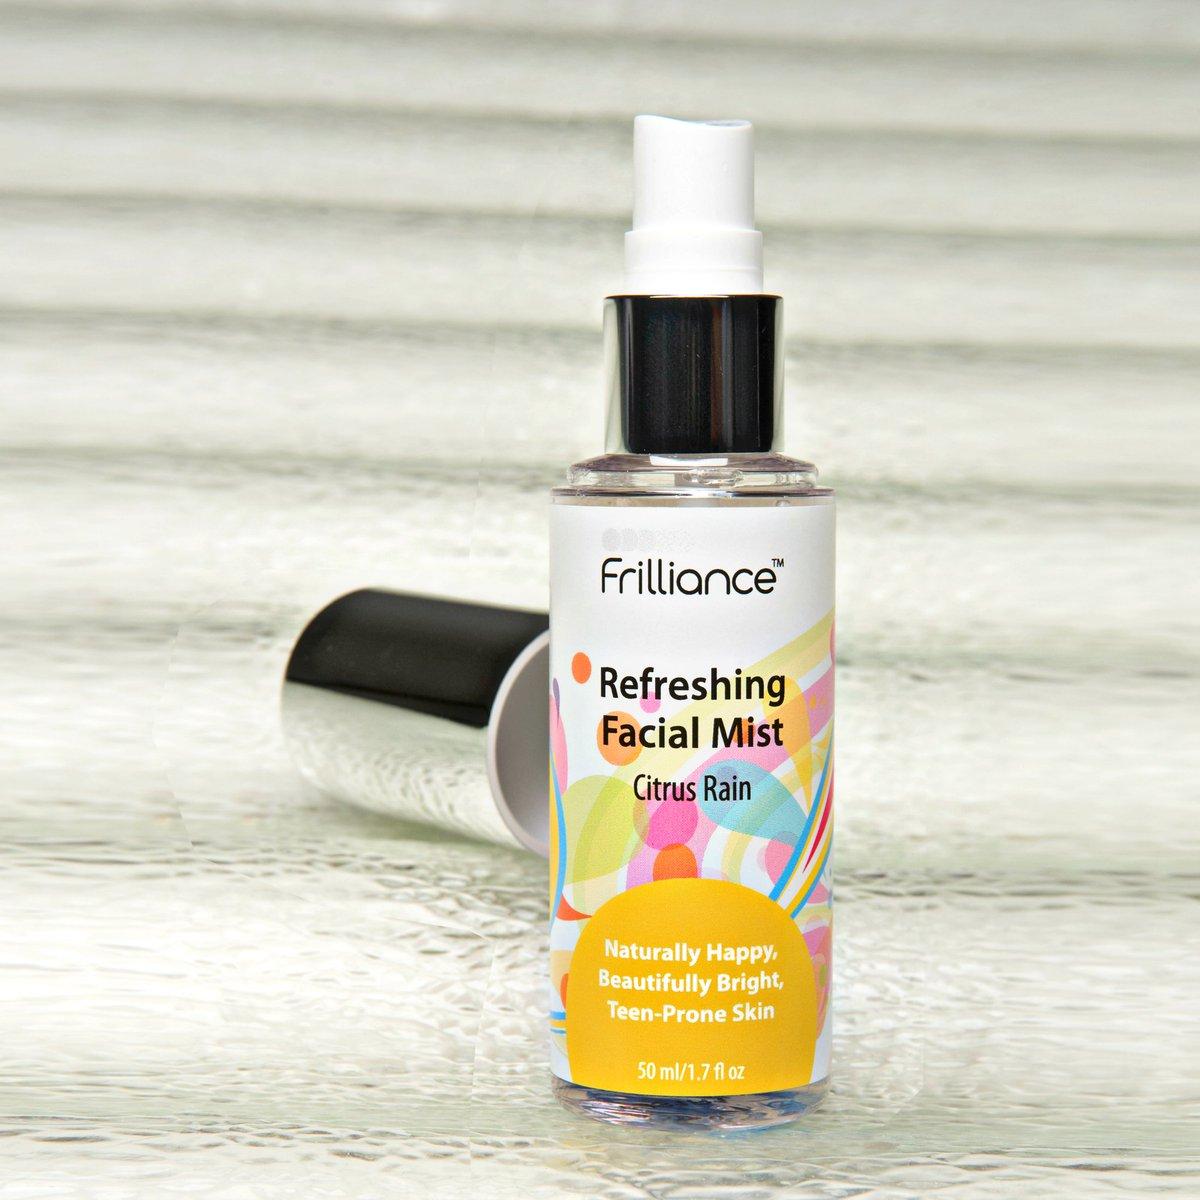 Fiona Frills - Refreshing Facial Mist in Citrus Rain